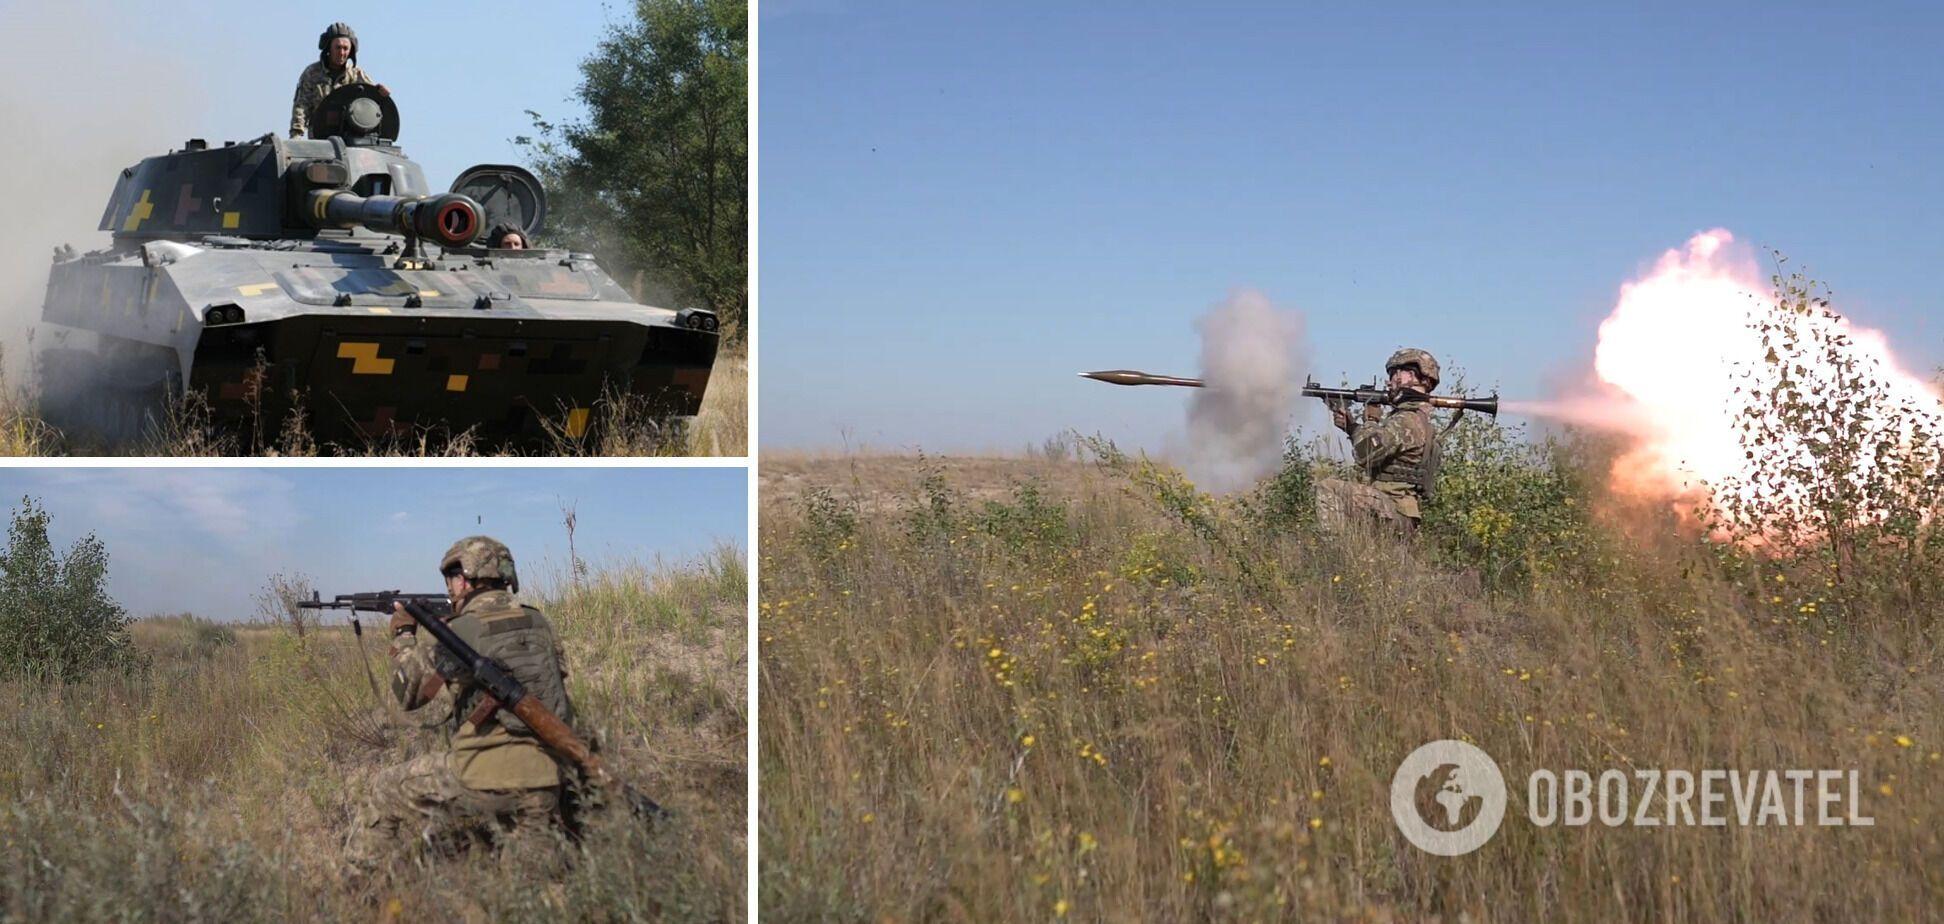 ВСУ отработали уничтожение десанта противника с применением САУ 'Гвоздика'. Фото и видео